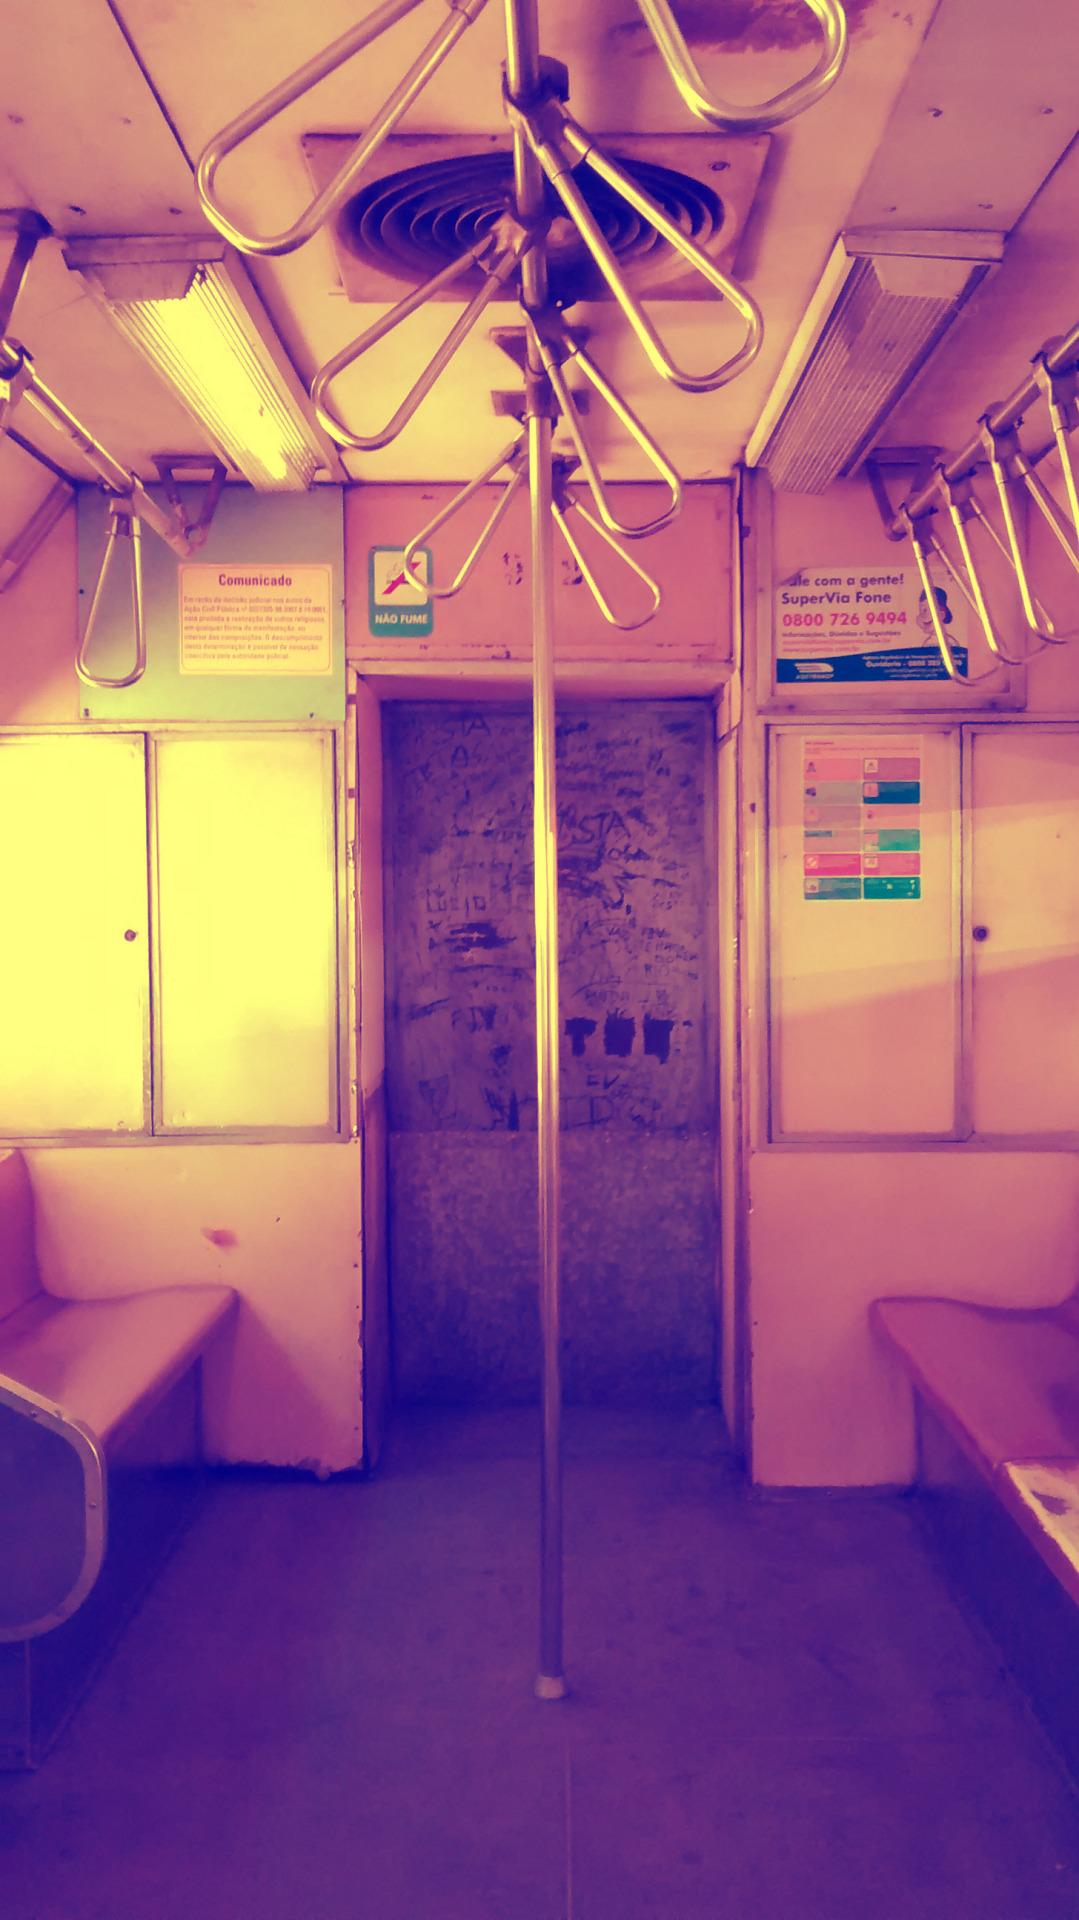 tumblr_n56ak8y8mK1ta8akho1_1280.jpg